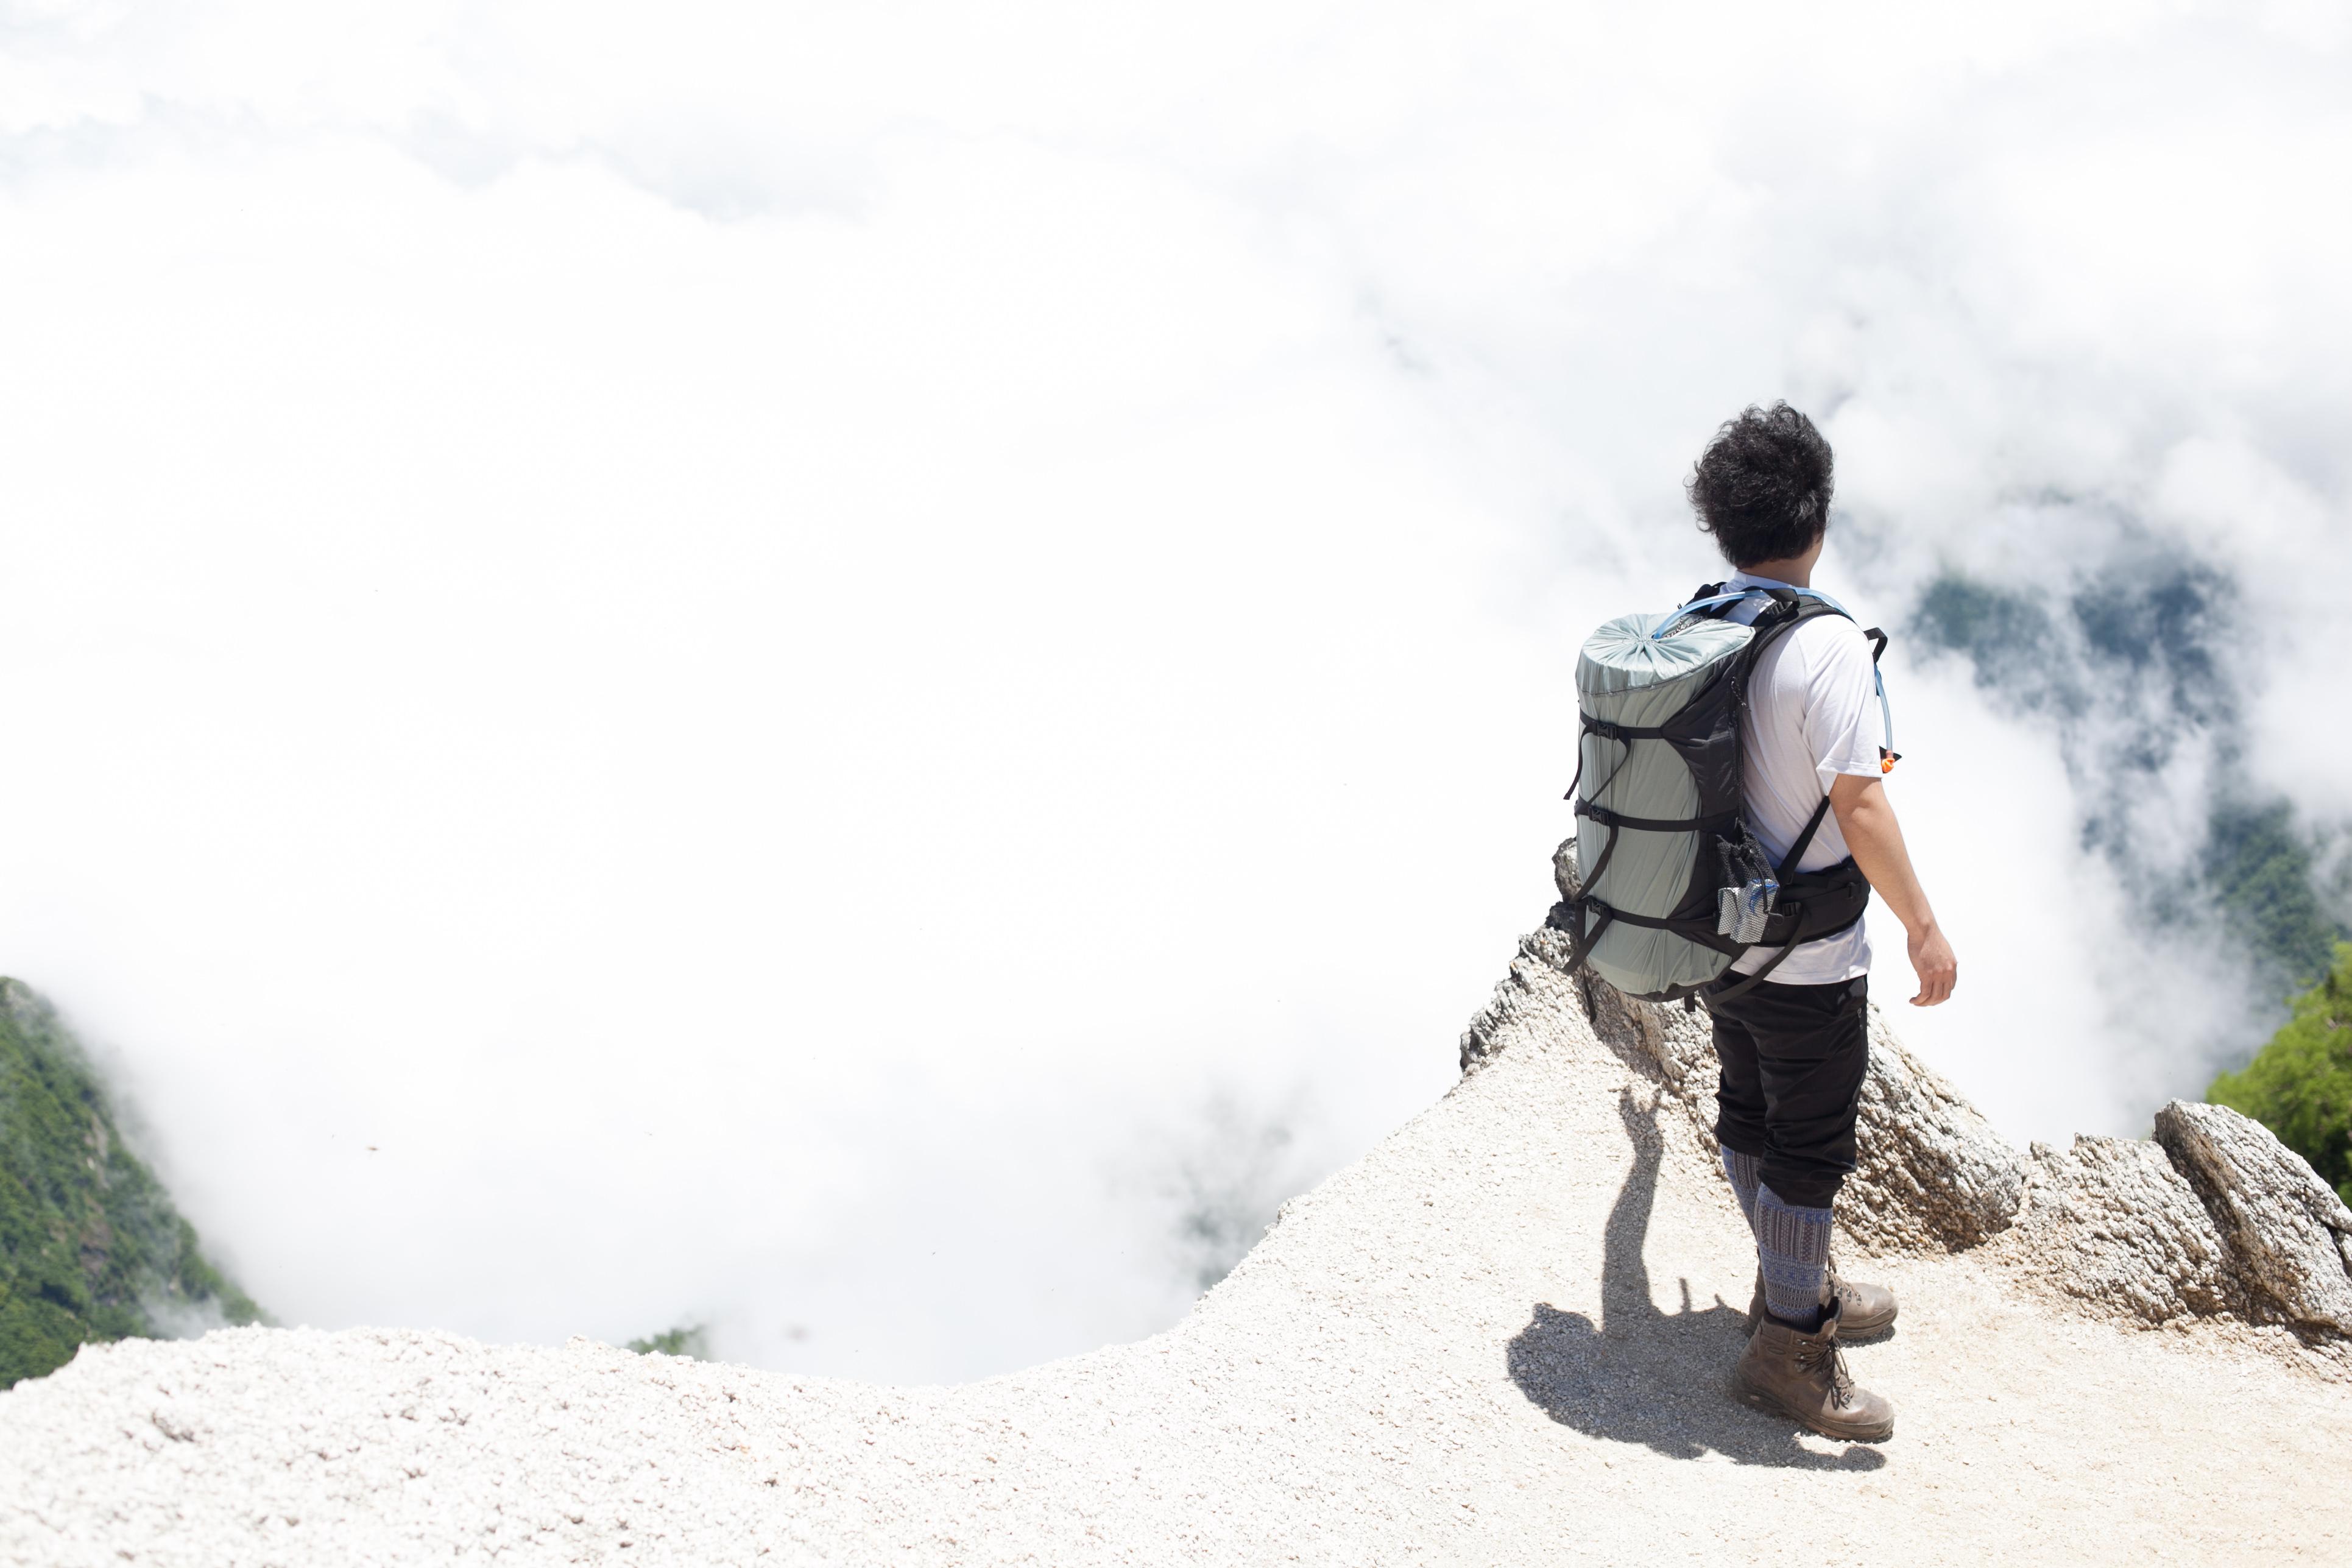 甲斐駒ヶ岳へ日帰り登山(2012年7月14日)